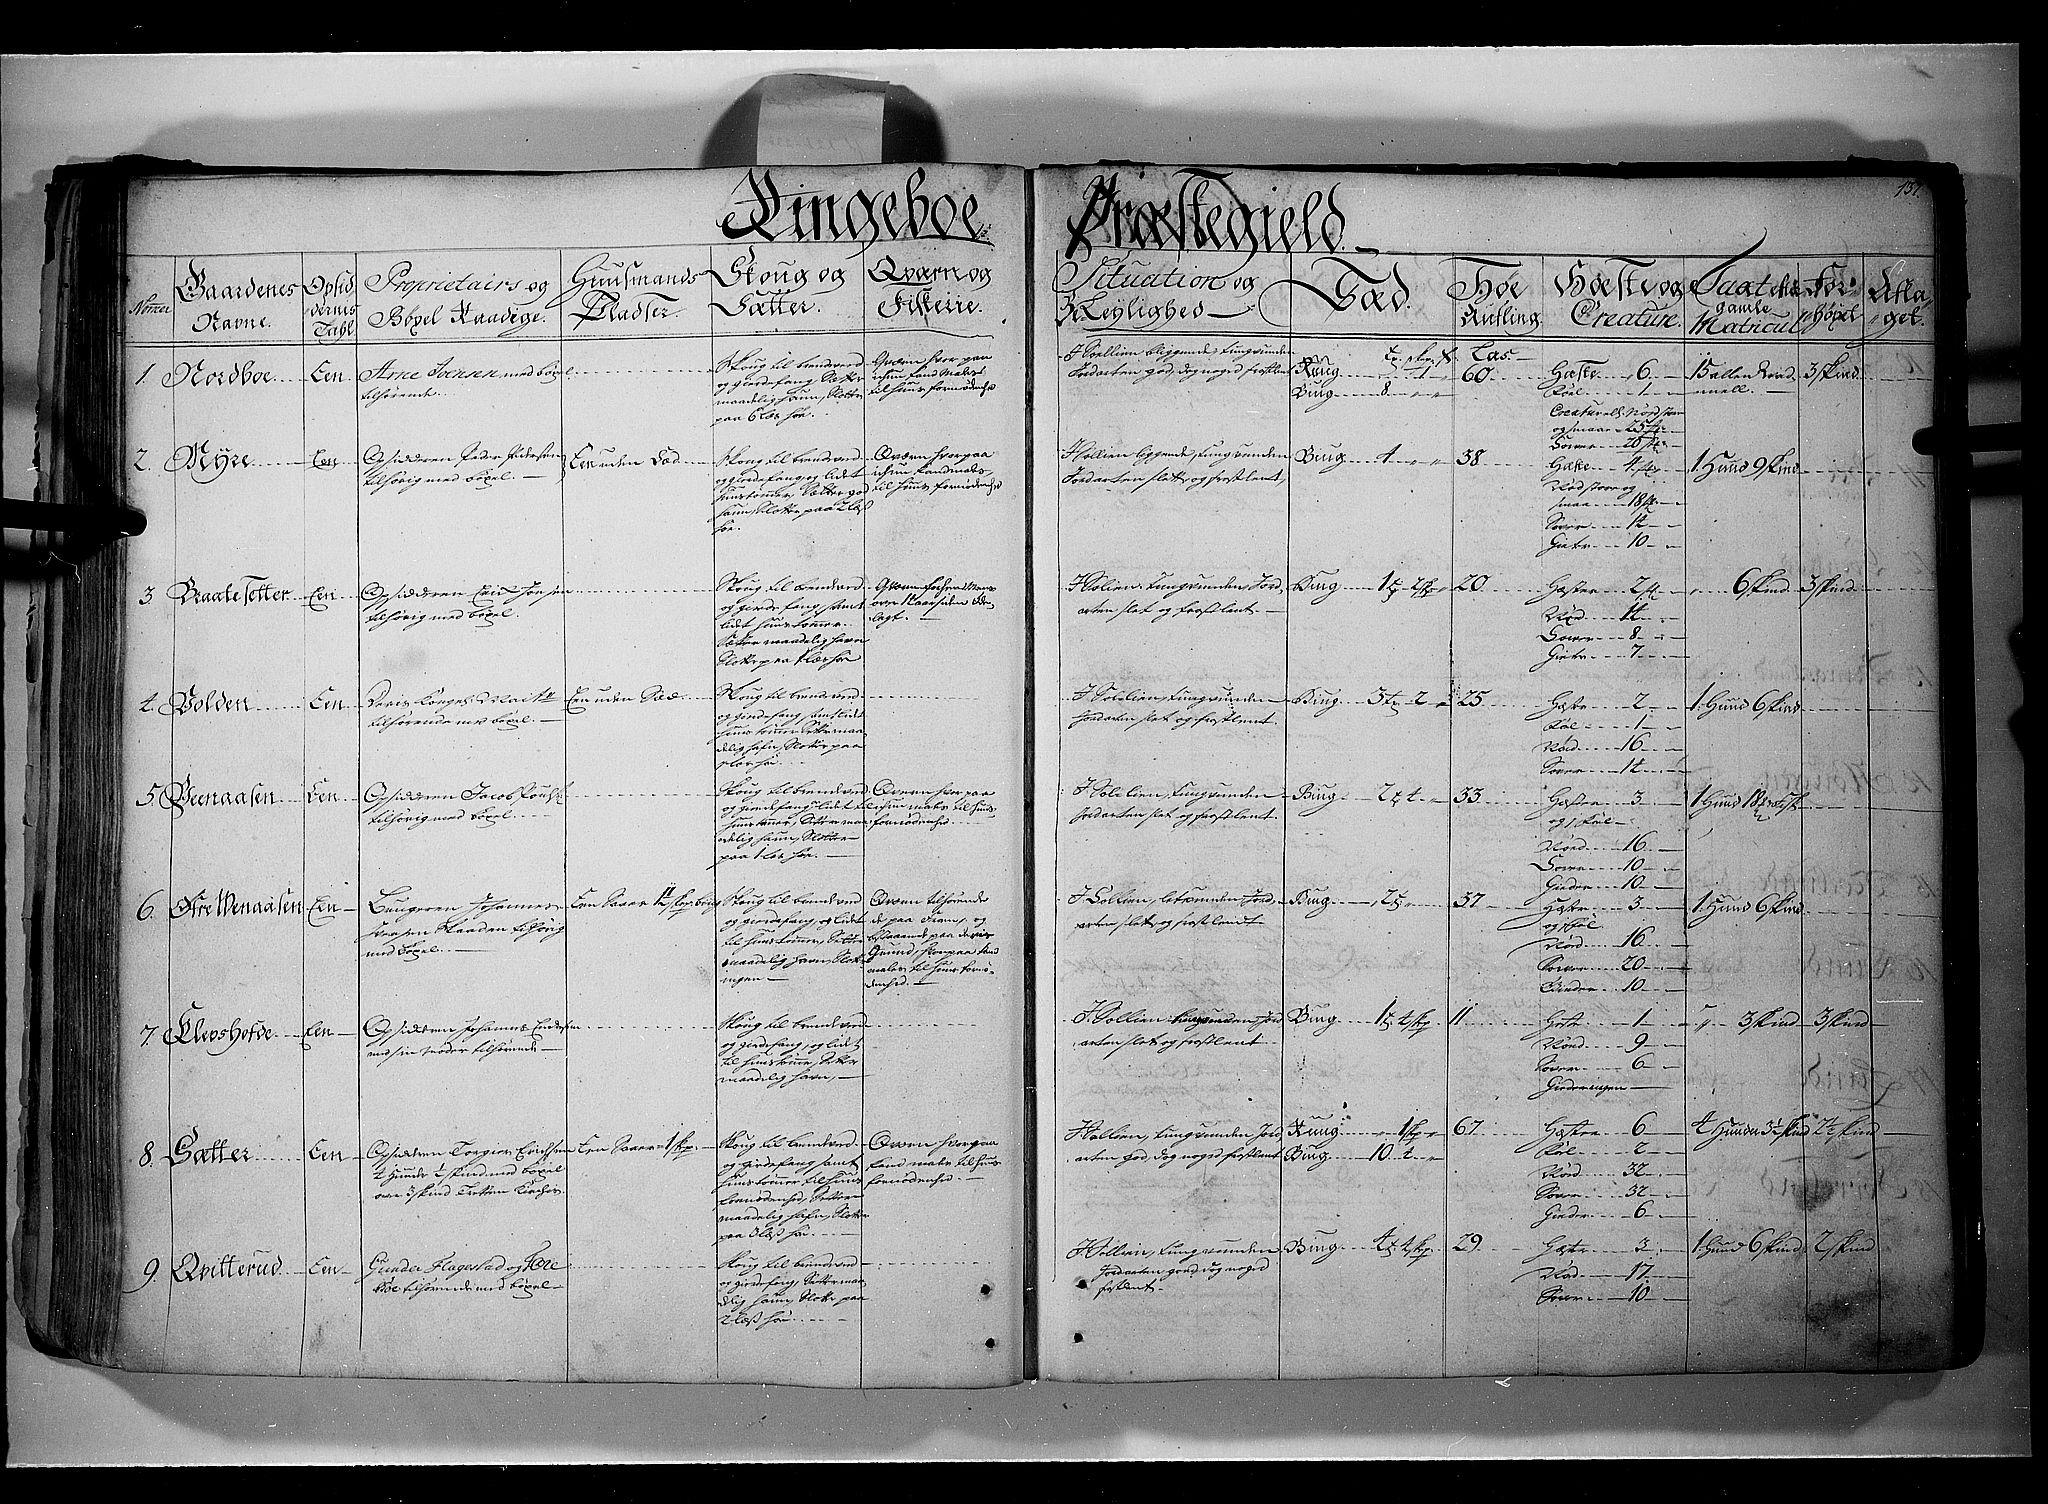 RA, Rentekammeret inntil 1814, Realistisk ordnet avdeling, N/Nb/Nbf/L0107: Gudbrandsdalen eksaminasjonsprotokoll, 1723, s. 136b-137a